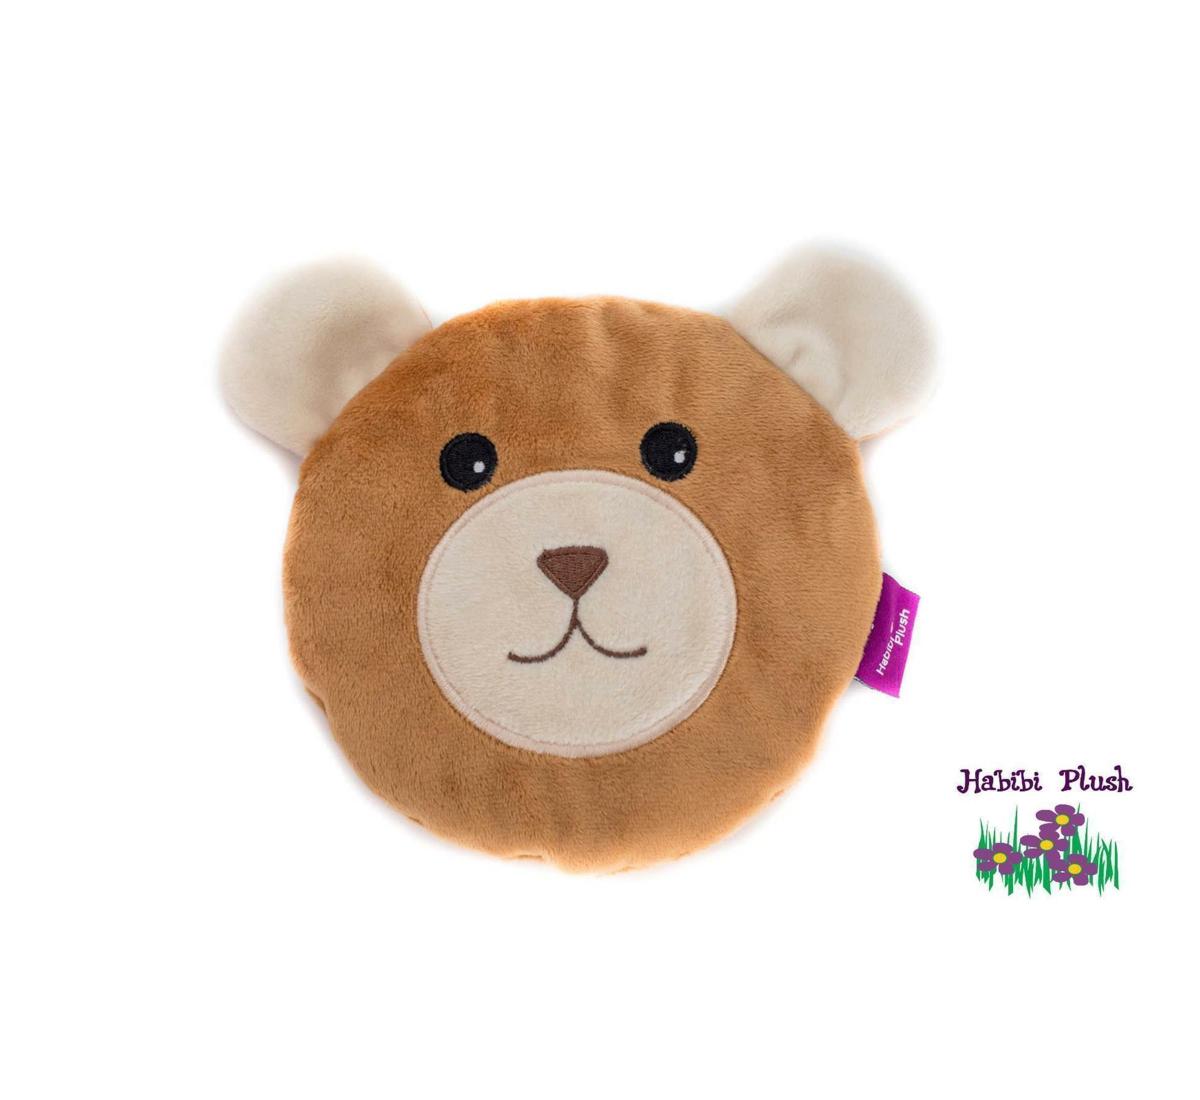 Habibi Plush : Wärmekissen Bär